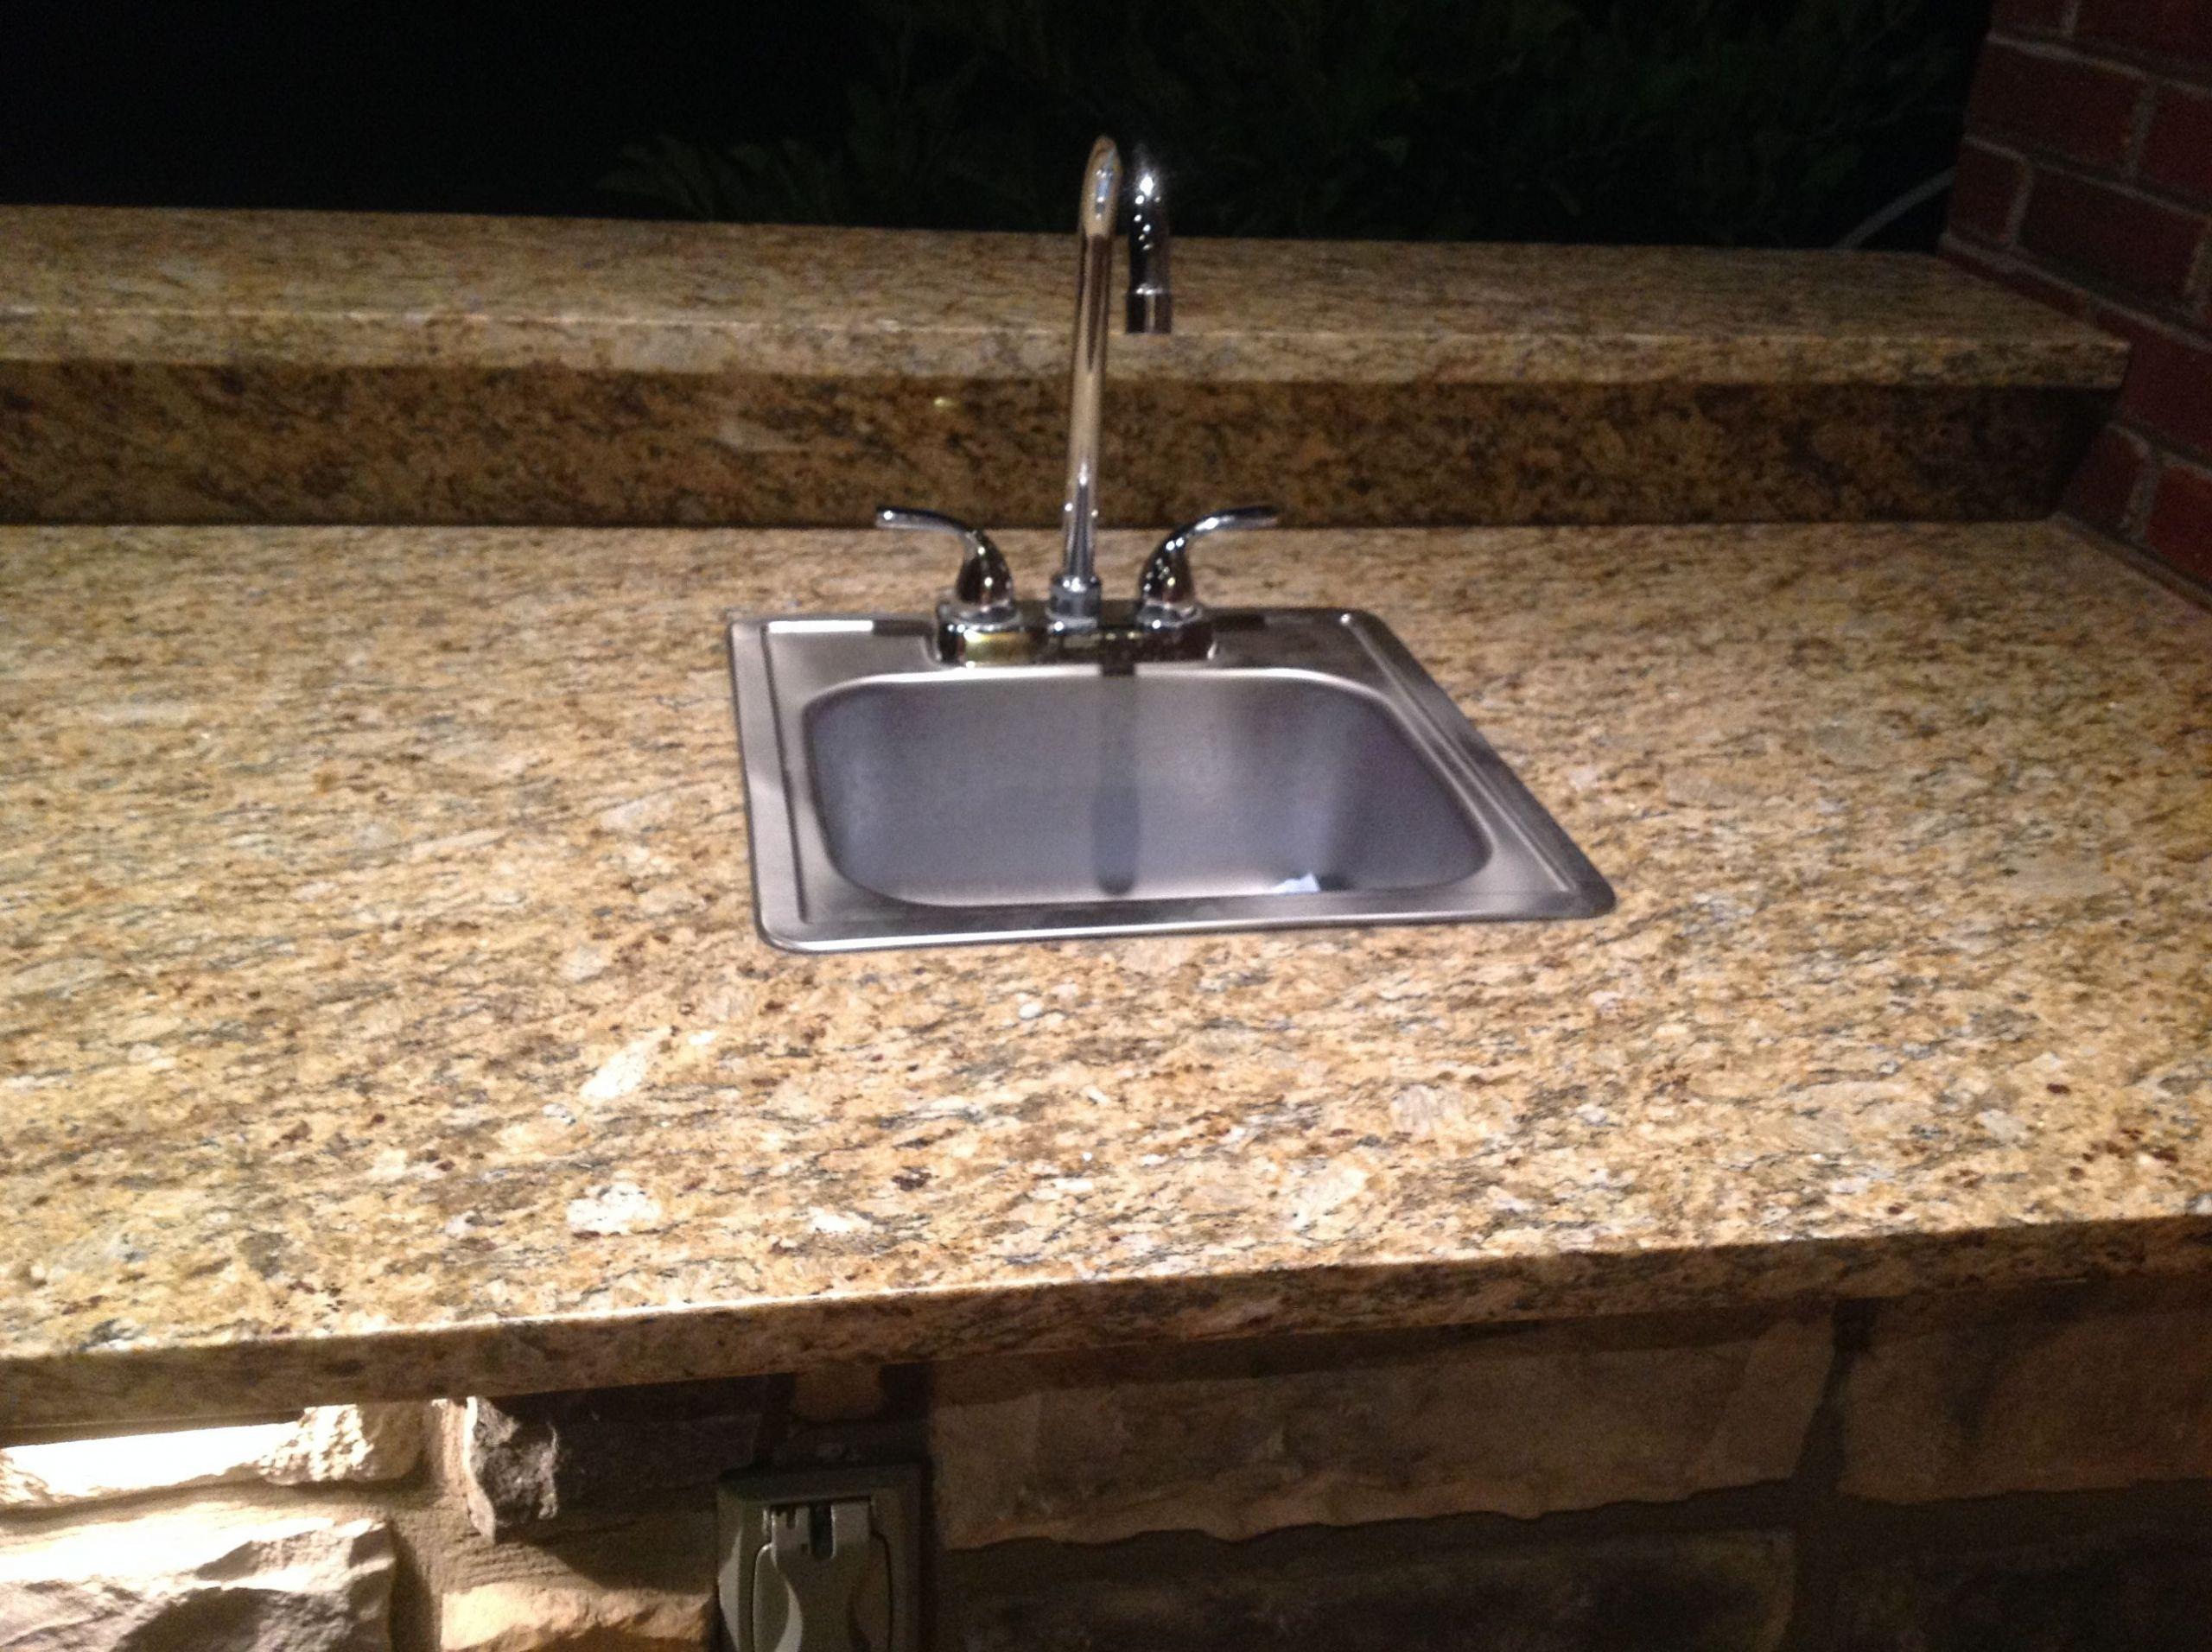 Outdoor Kitchen Sinks  Outdoor Design Build Just another WordPress weblog